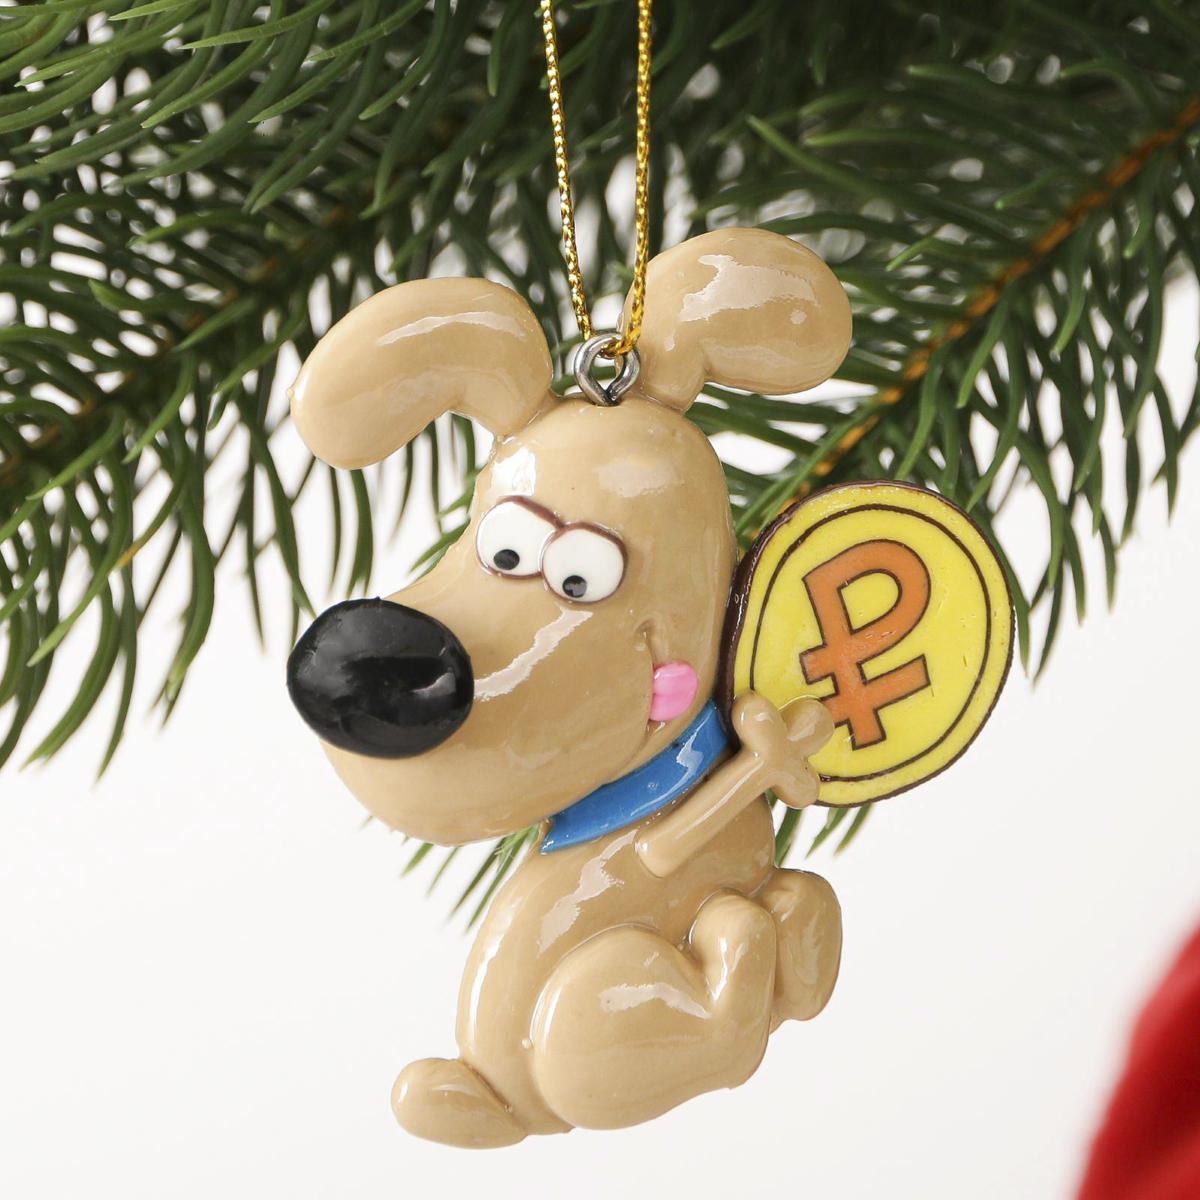 Украшение новогоднее подвесное Денежного года, 6 х 6,5 см2323285Новогоднее украшение, выполненное из полирезина, отлично подойдет для декорации вашего дома и новогодней ели. С помощью специальнойпетельки украшение можно повесить в любом понравившемся вам месте. Но, конечно, удачнее всего оно будет смотреться на праздничной елке. Елочная игрушка - символ Нового года. Она несет в себе волшебство и красоту праздника. Такое украшение создаст в вашем домеатмосферу праздника, веселья и радости.